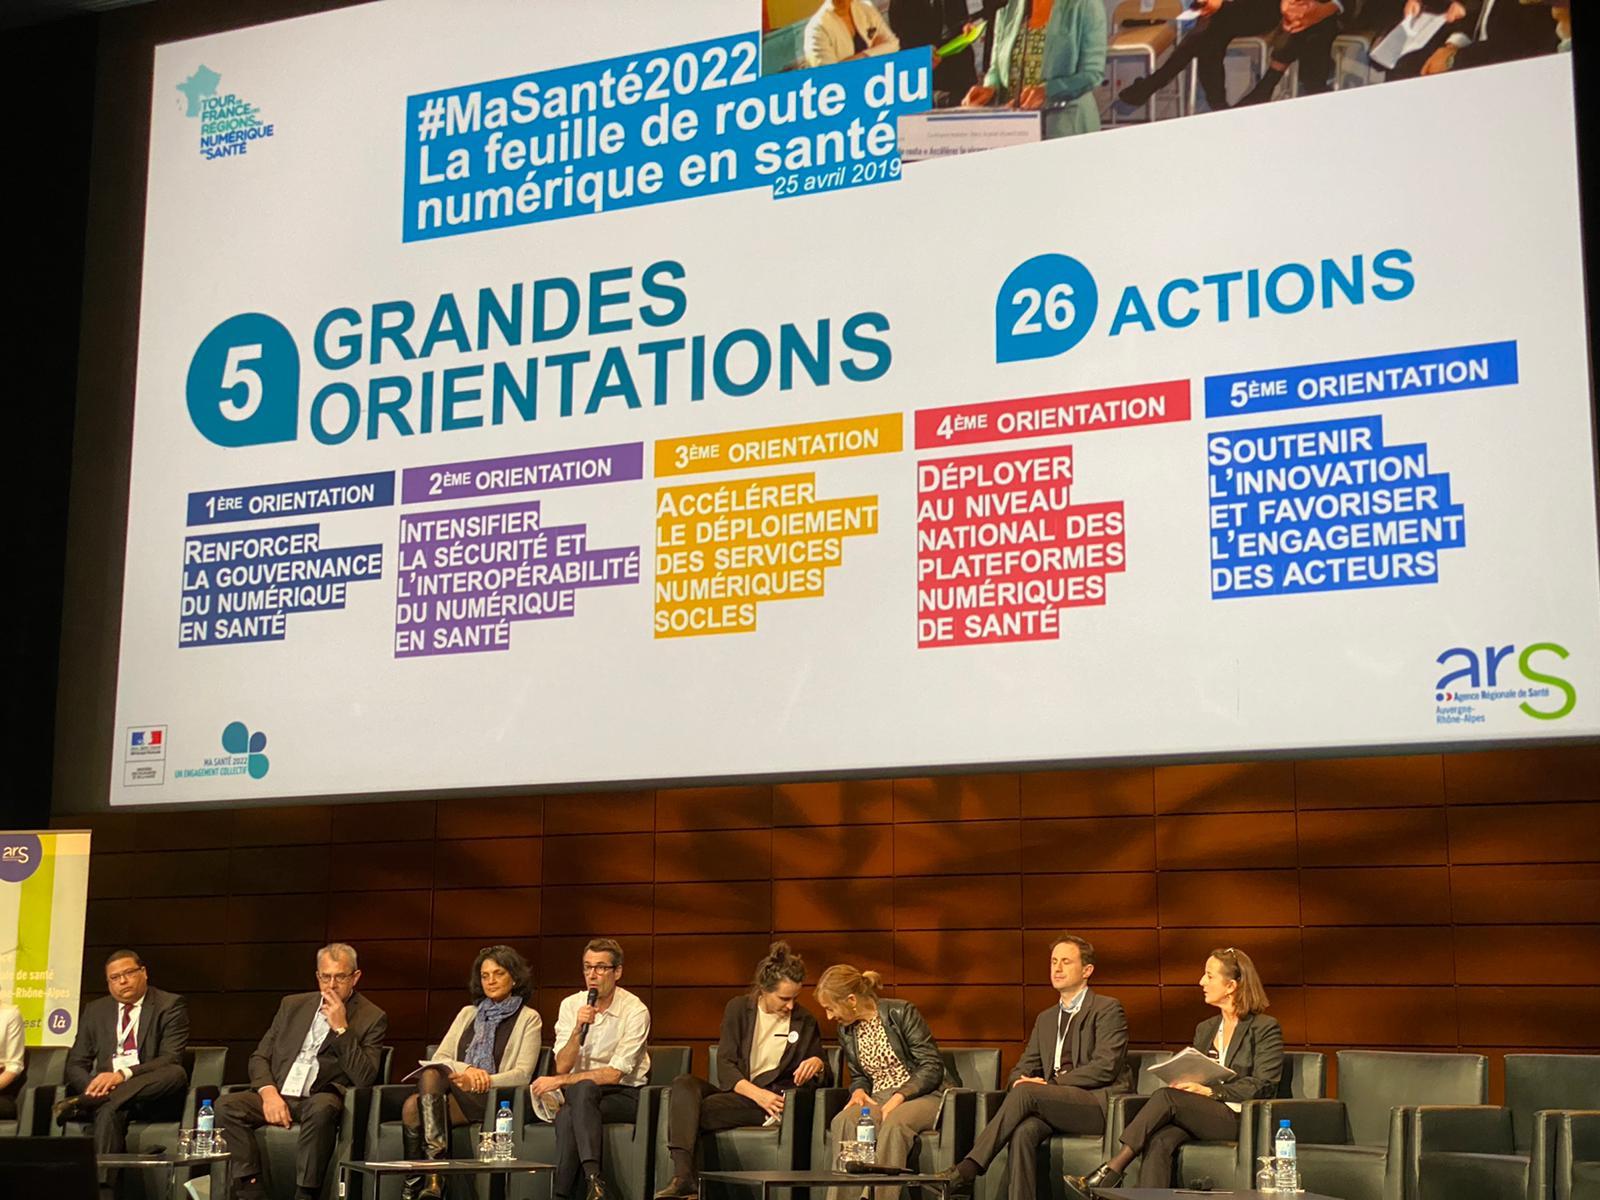 Pour stimuler l'innovation, Dominique Pon et Laura Létourneau annoncent la création d'un réseau de structure 3.0